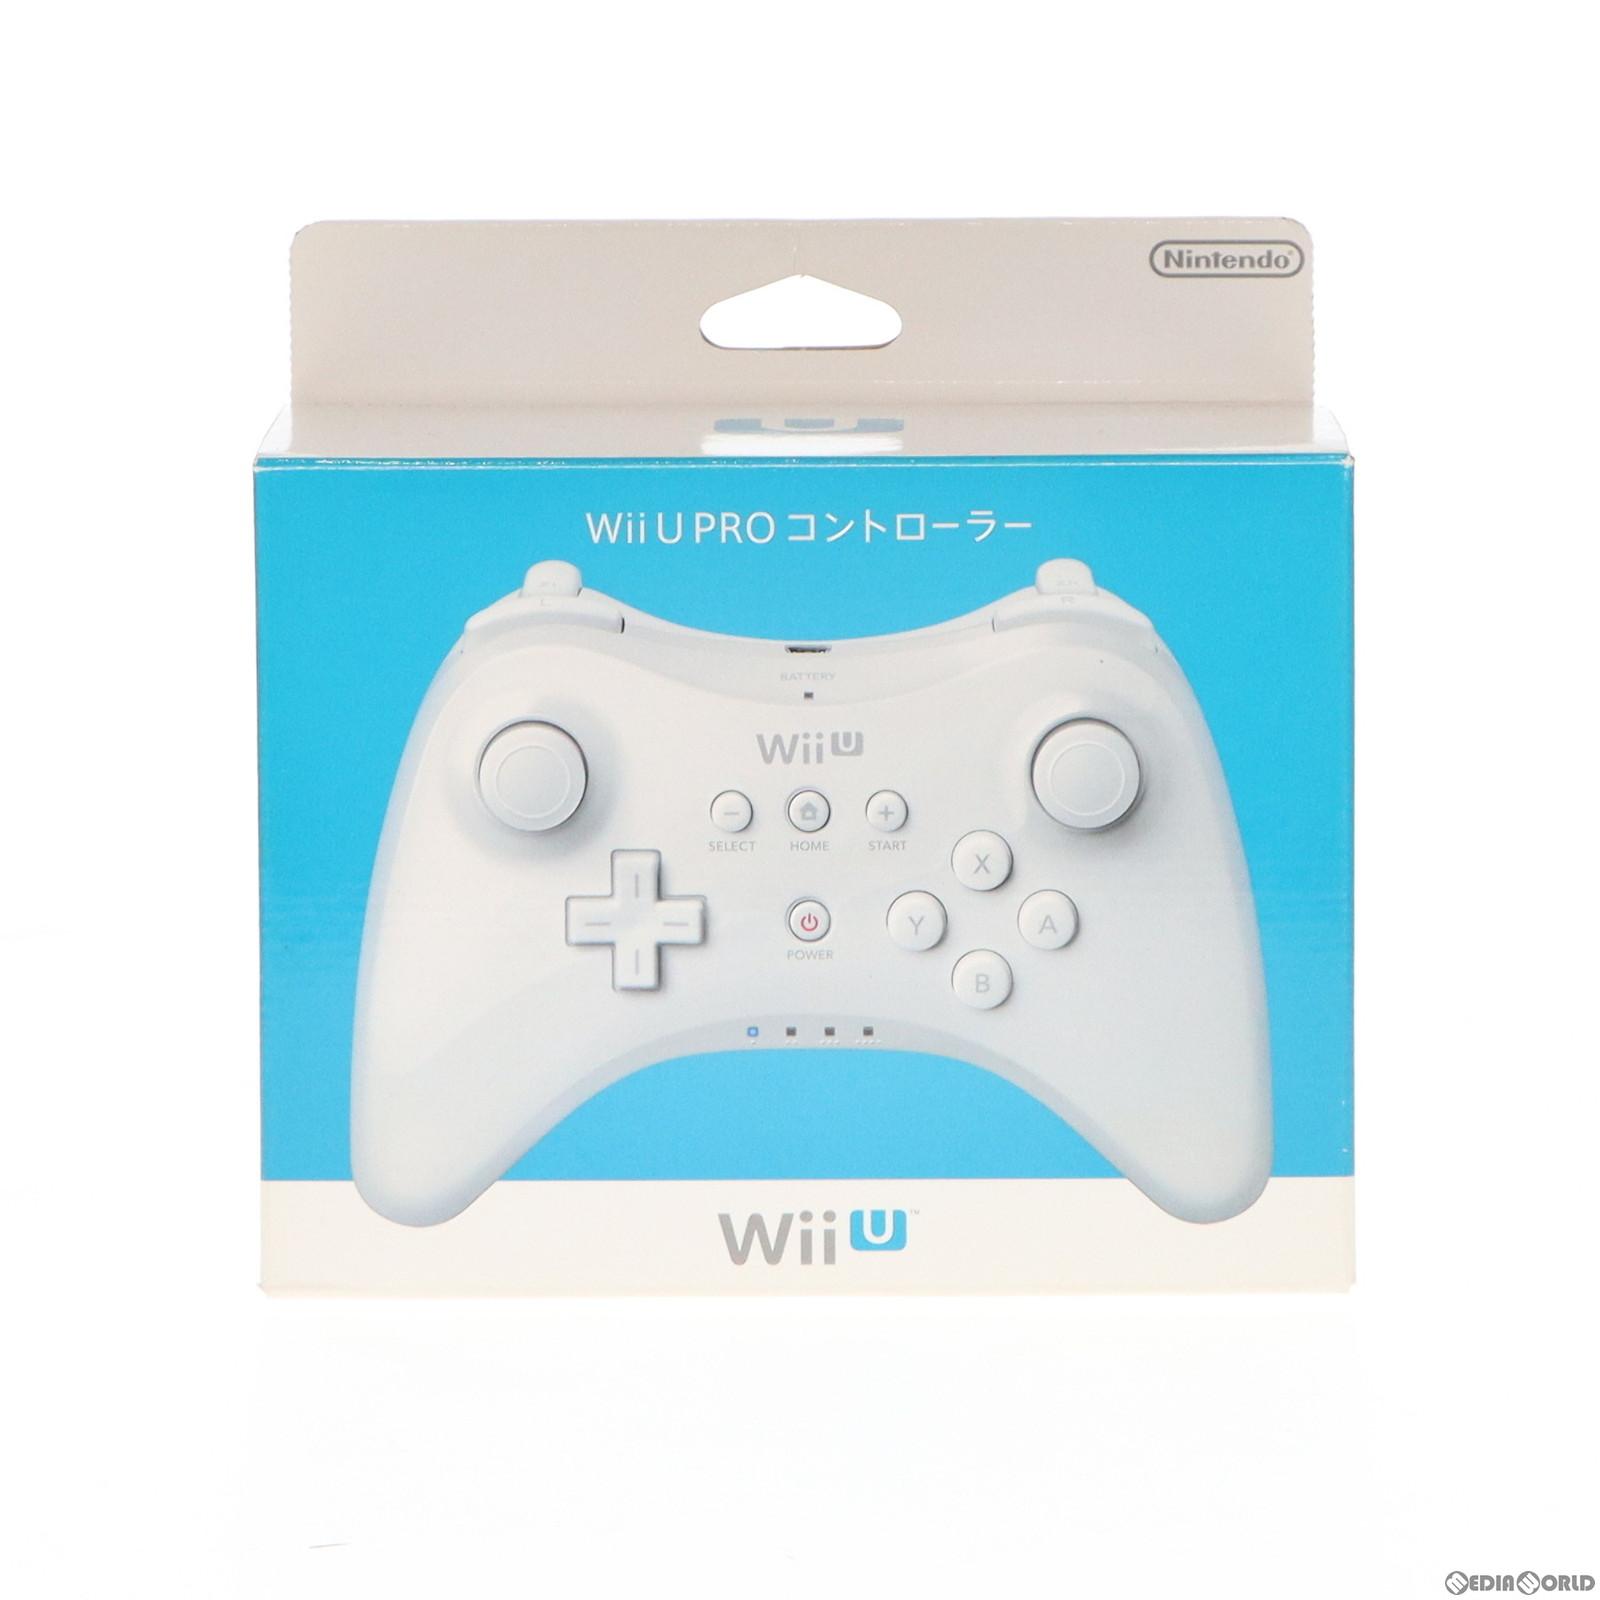 【中古】[ACC][WiiU]Wii U PROコントローラー shiro(Wii U プロコントローラー シロ) 任天堂(WUP-A-RSWA)(20121208)